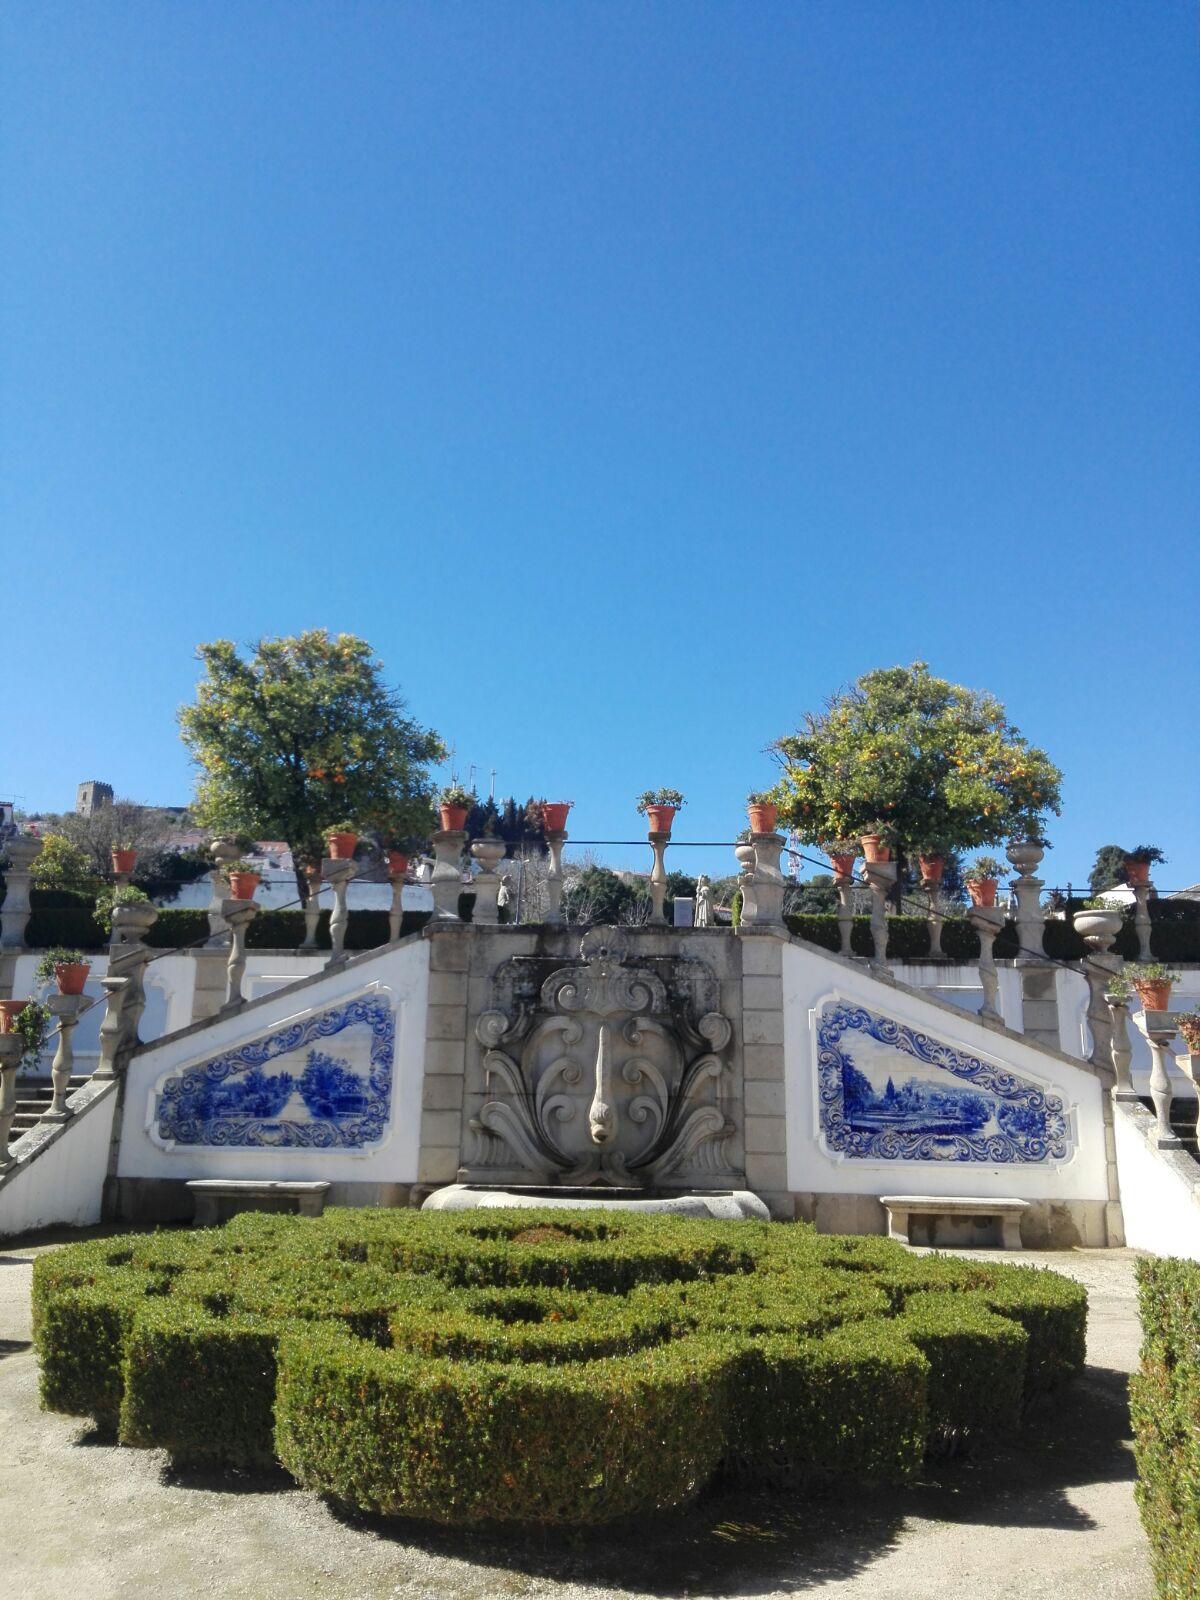 el palacio episcopal y los jardines tipo laberinto y el parque municipal le dan aire y elegancia